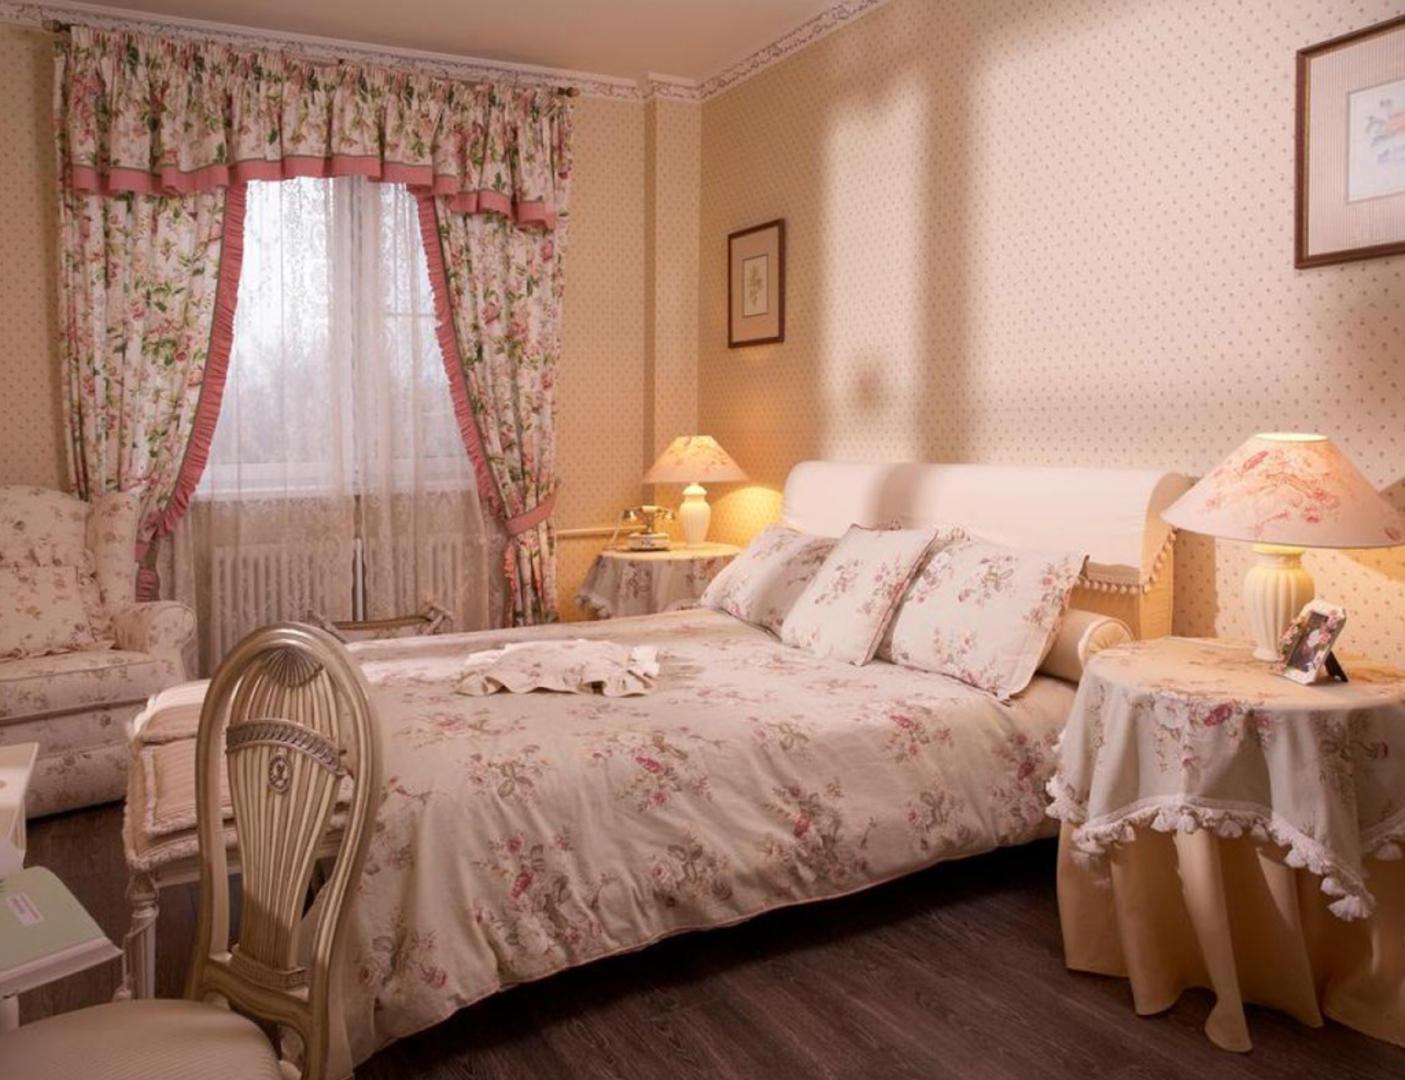 комплект из штор и покрывала для спальни оформление фото